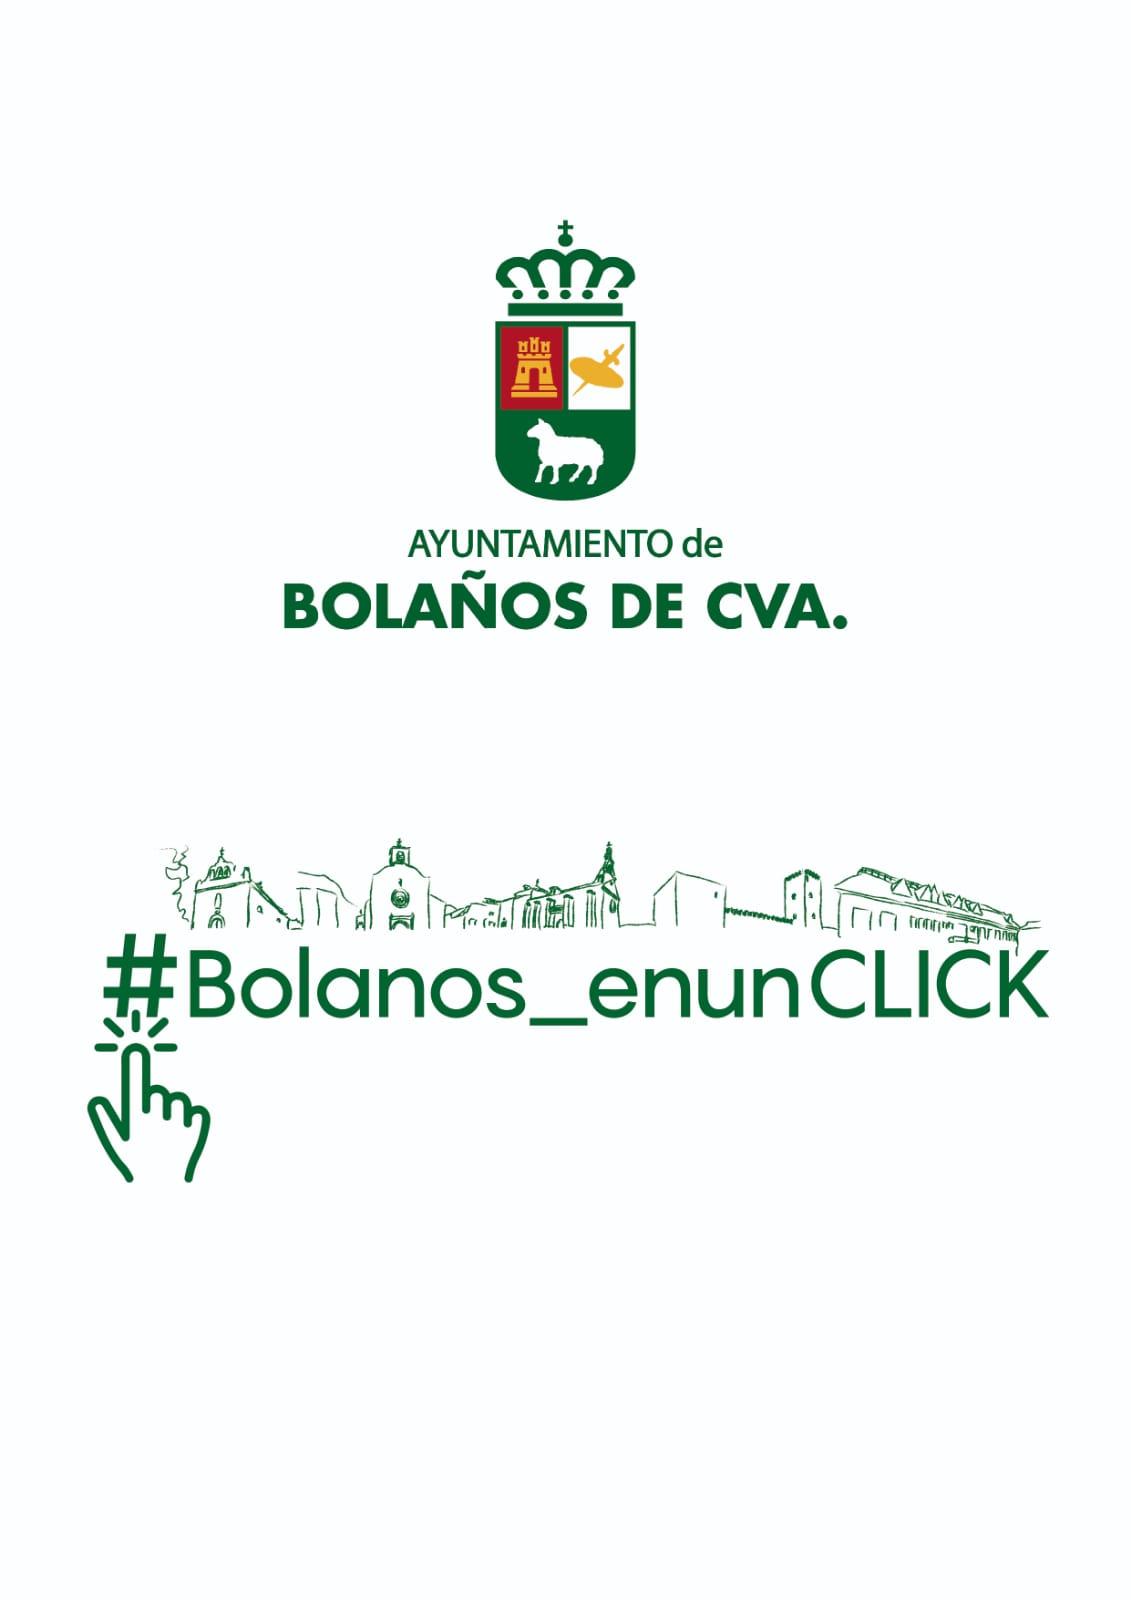 #Bolanos_enunCLICK ES LA NUEVA APLICACIÓN INFORMÁTICA PARA CONOCER BOLAÑOS